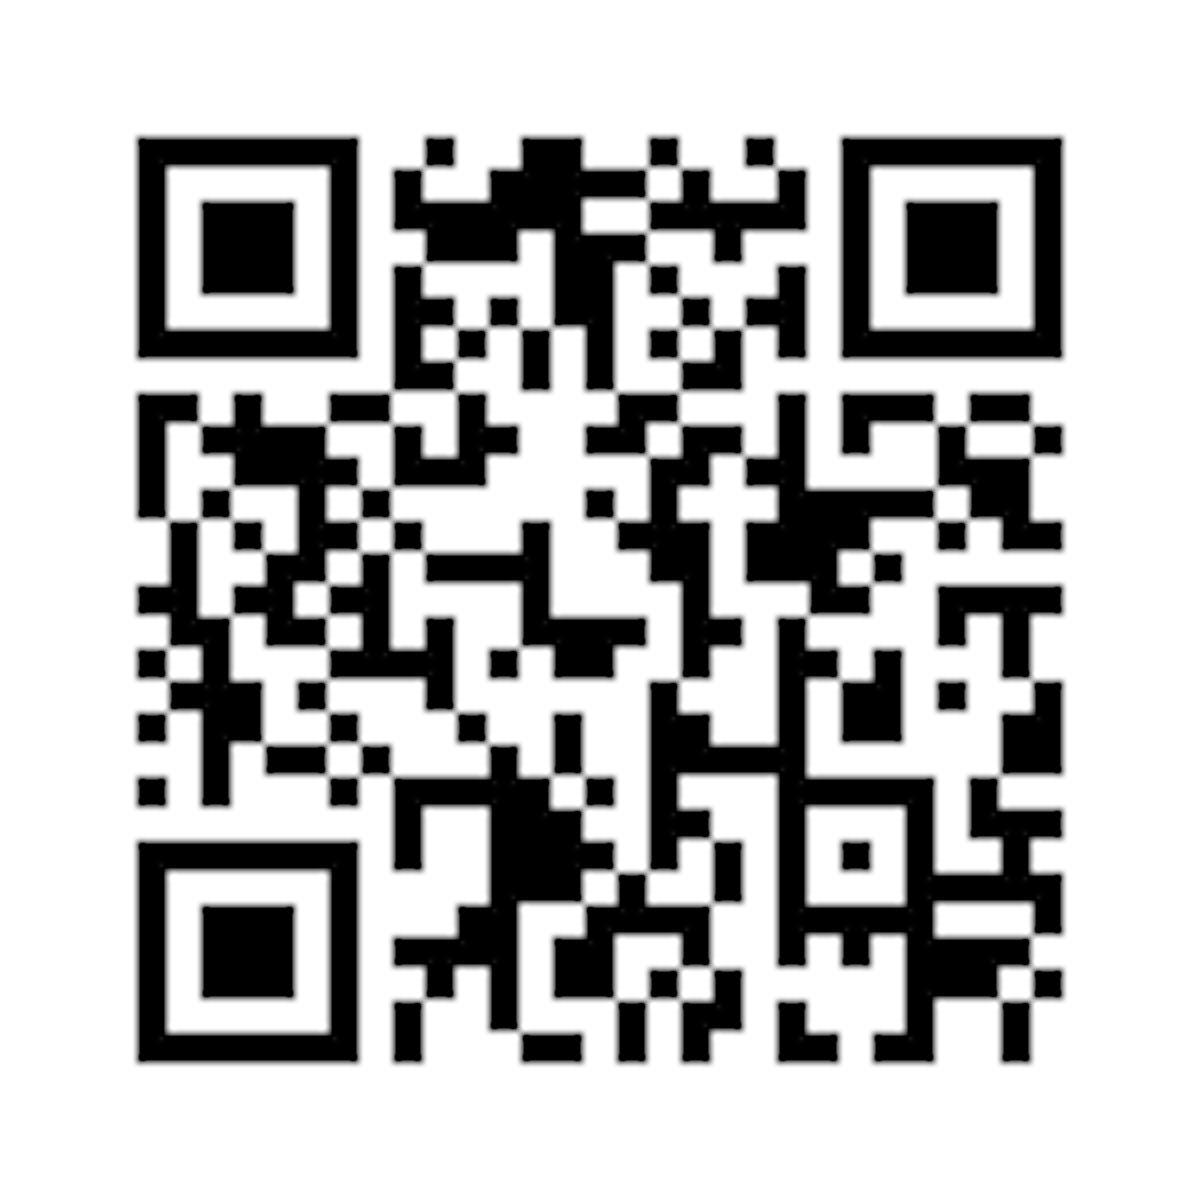 4B499114-4FA9-4E1E-B5CD-96A4B8303C45.png